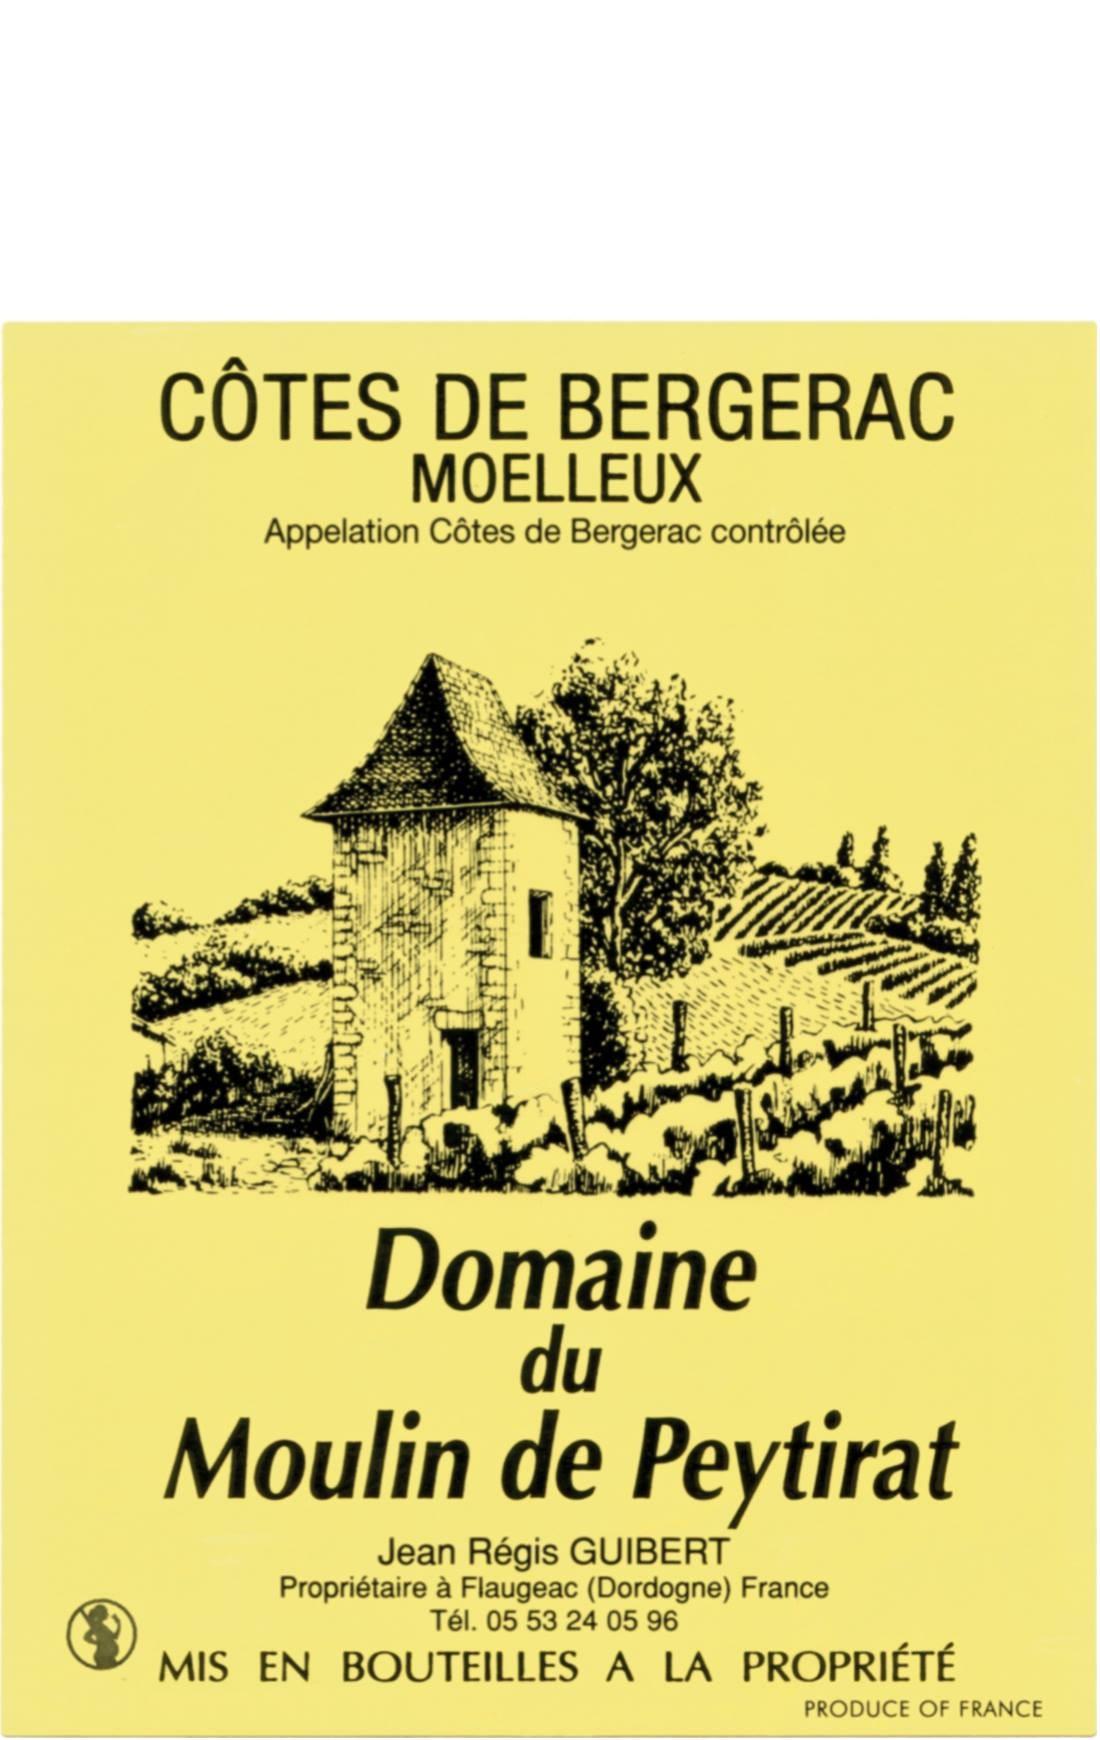 Côtes de Bergerac Moelleux